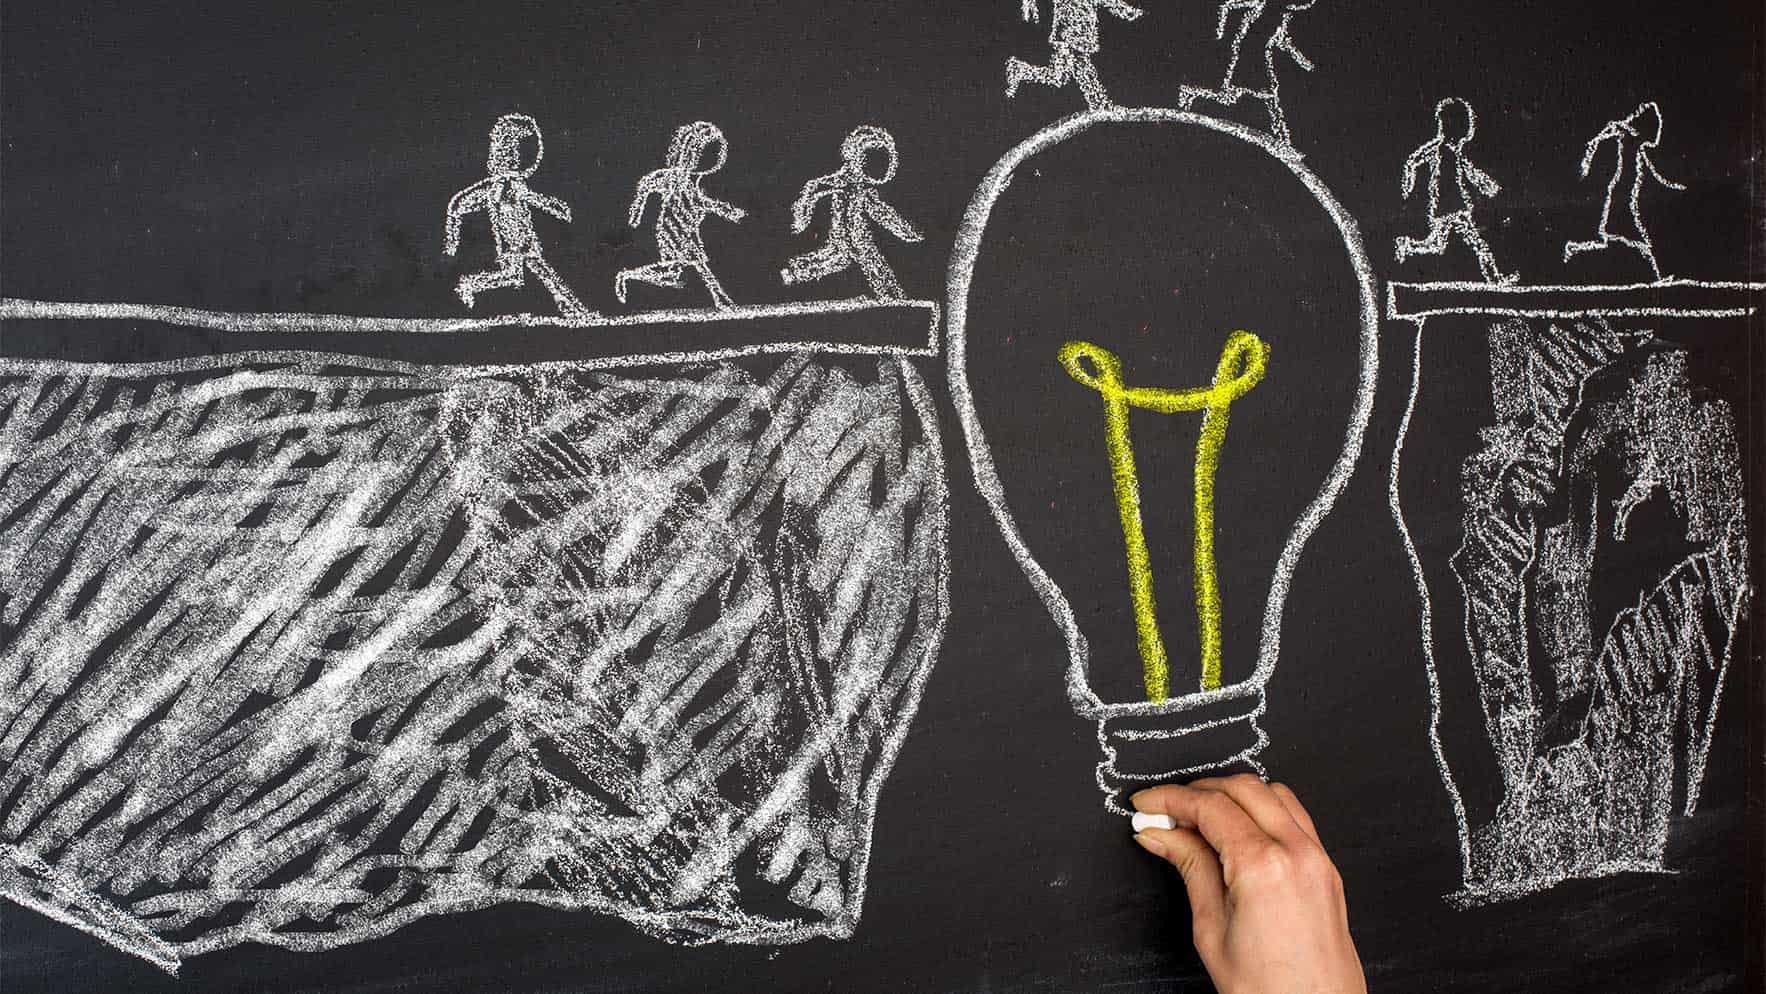 Light bulb drawn on a blackboard